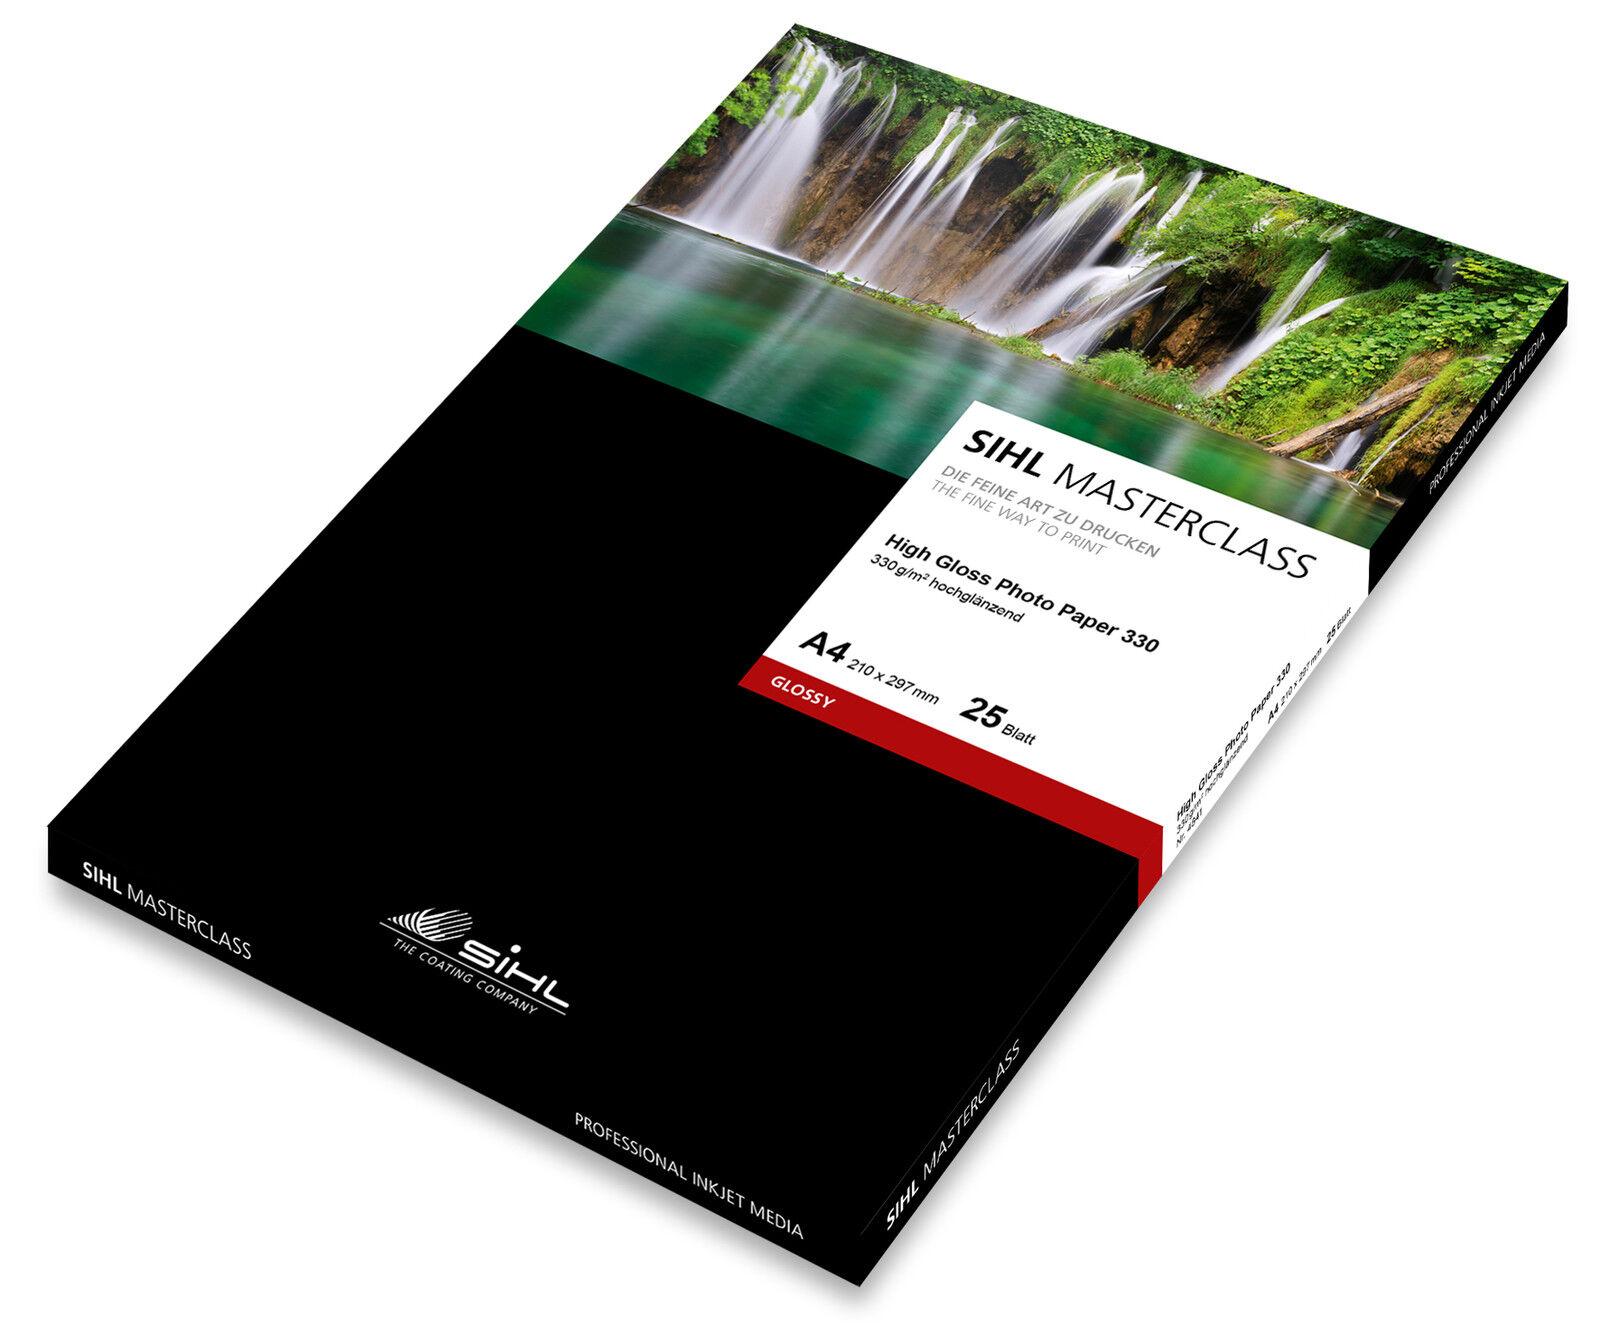 DIN A3+ Masterclass Masterclass Masterclass High Gloss Photo Paper Fotopapier 330g grandiose Qualität   Maßstab ist der Grundstein, Qualität ist Säulenbalken, Preis ist Leiter    Deutschland Frankfurt  e38f44